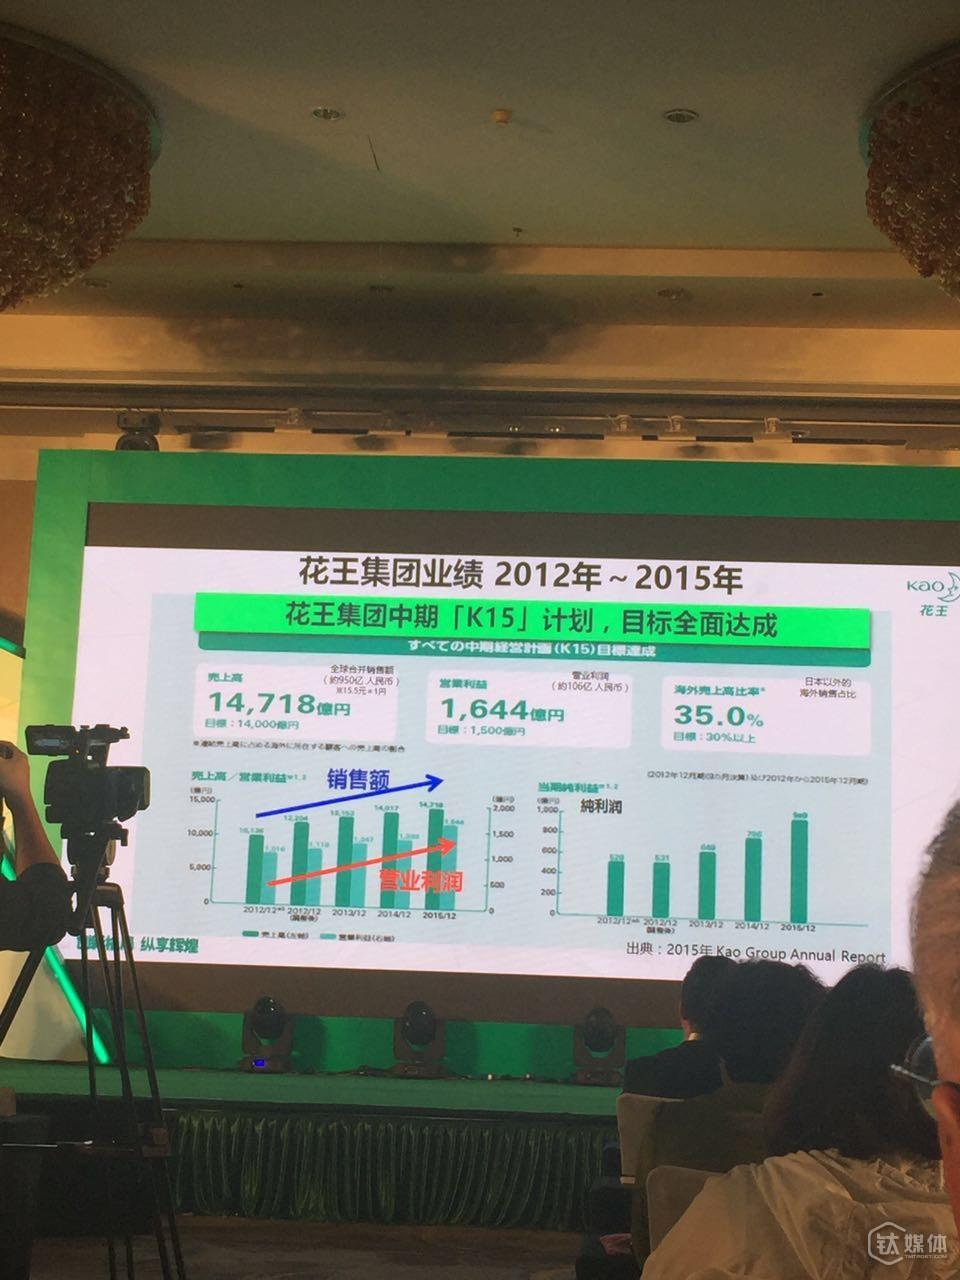 花王大会上分享的业绩数据报告